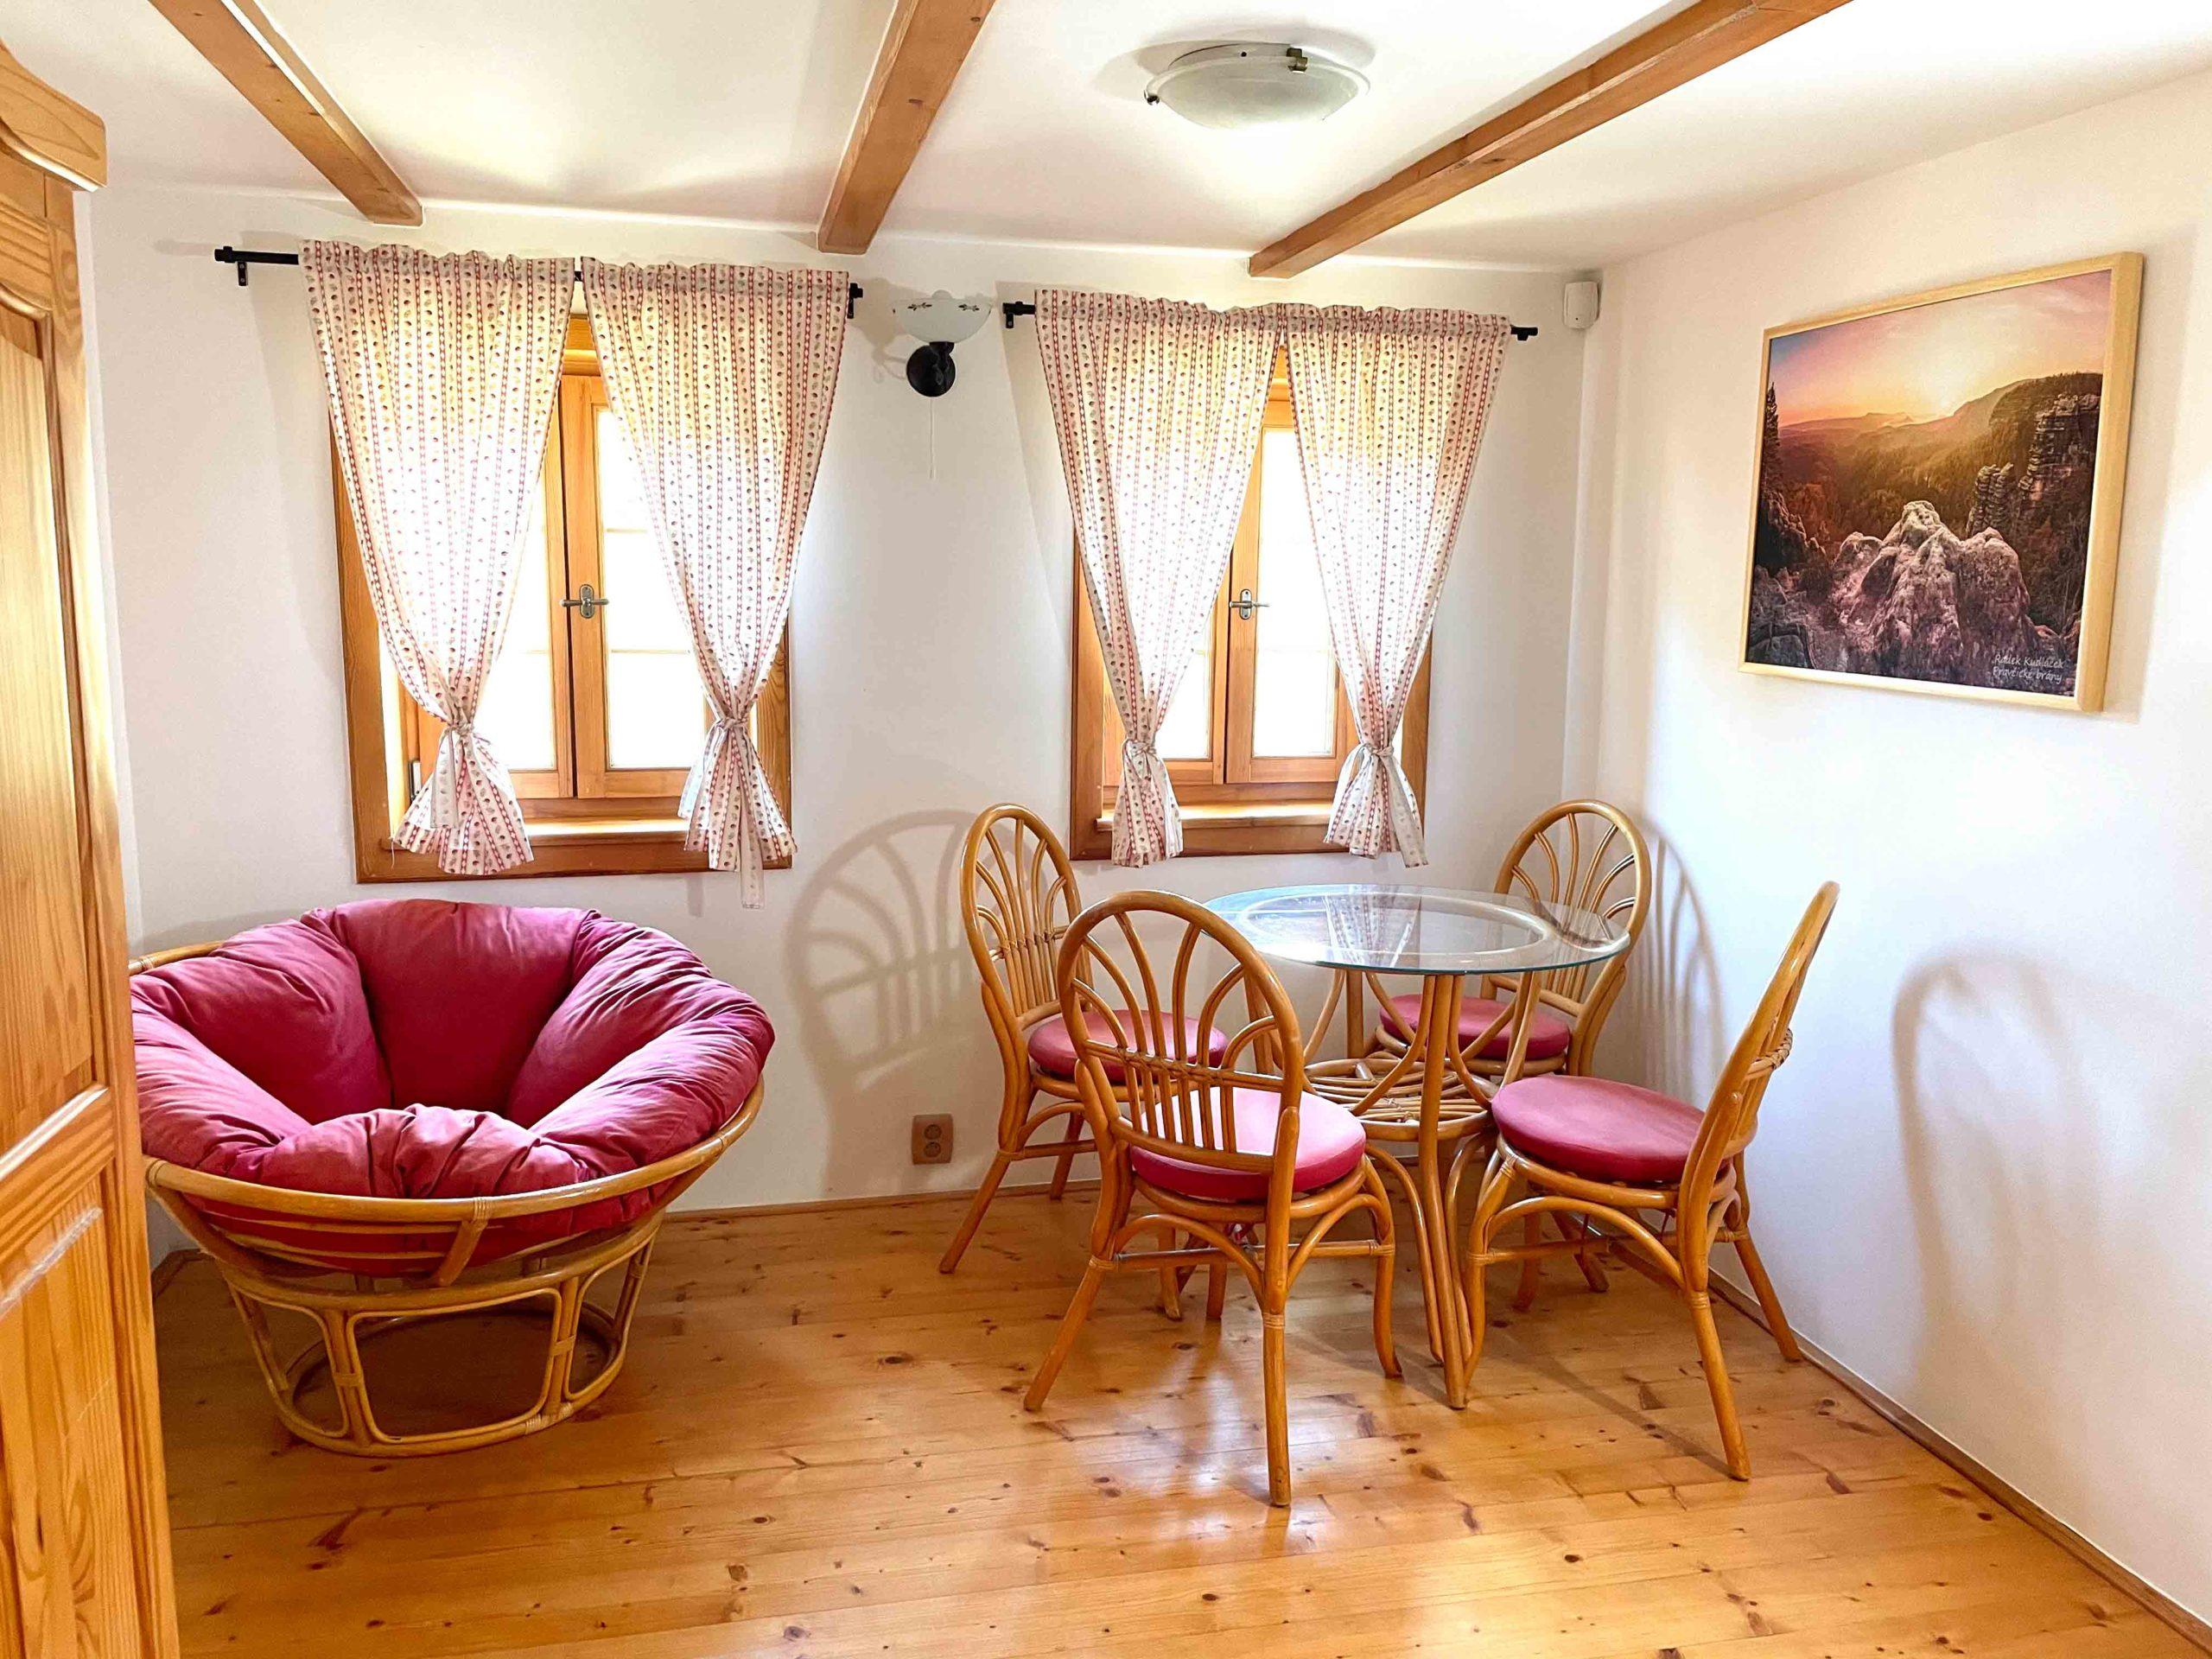 Ve druhém patře se nachází obě ložnice, oddělený záchod a prostor ke společnému posezení.